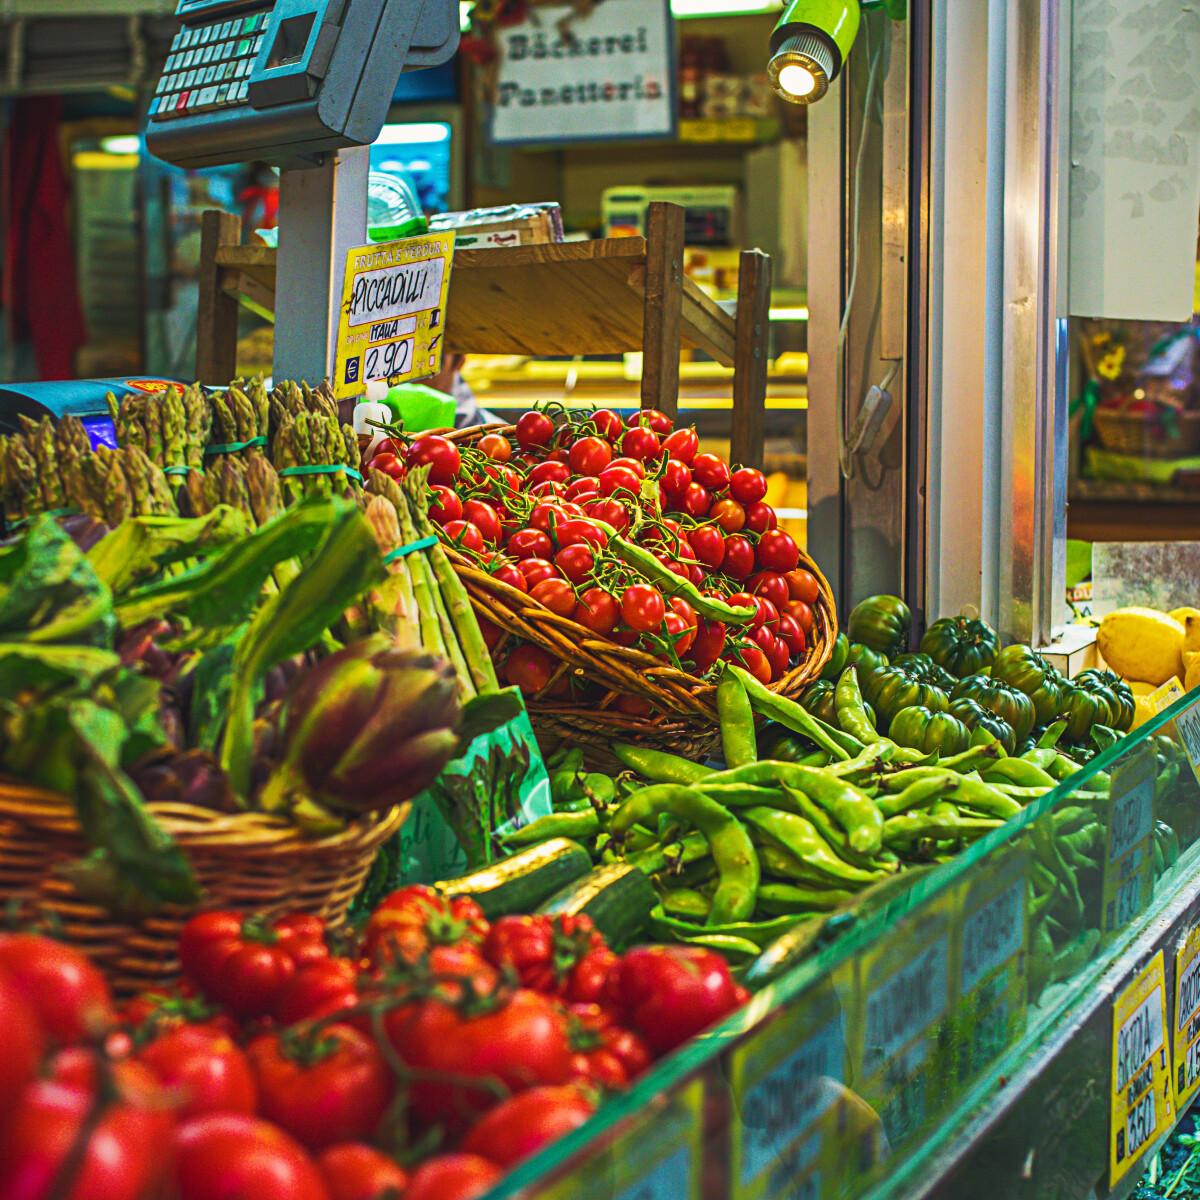 Csemegézzünk: 8 budapesti delikátesz, ahol mindent találsz, mi szem-szájnak ingere